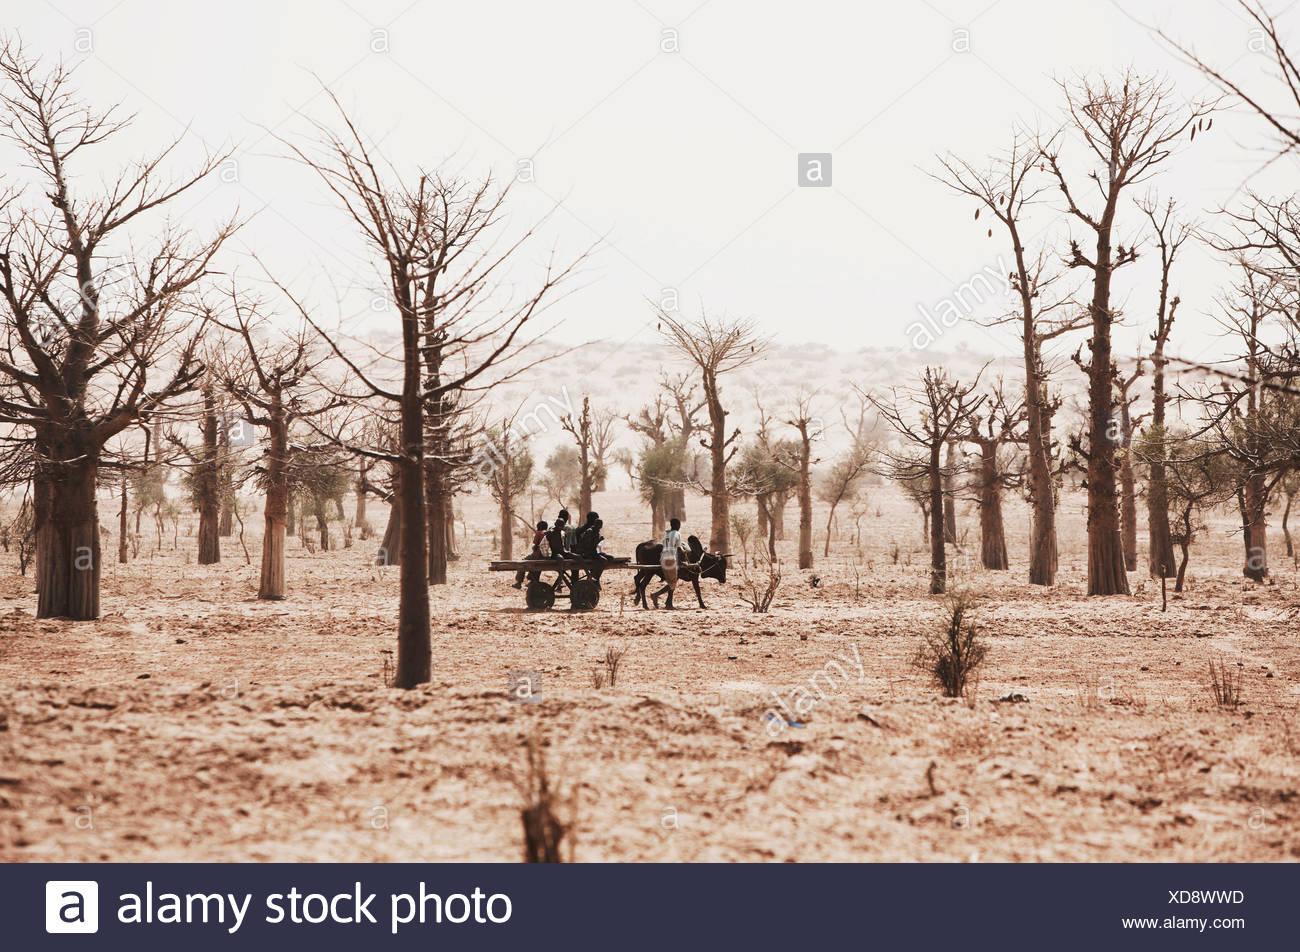 Los niños con un carro en stark paisaje con árboles, tierra Dogón, región de Mopti, Malí Foto de stock